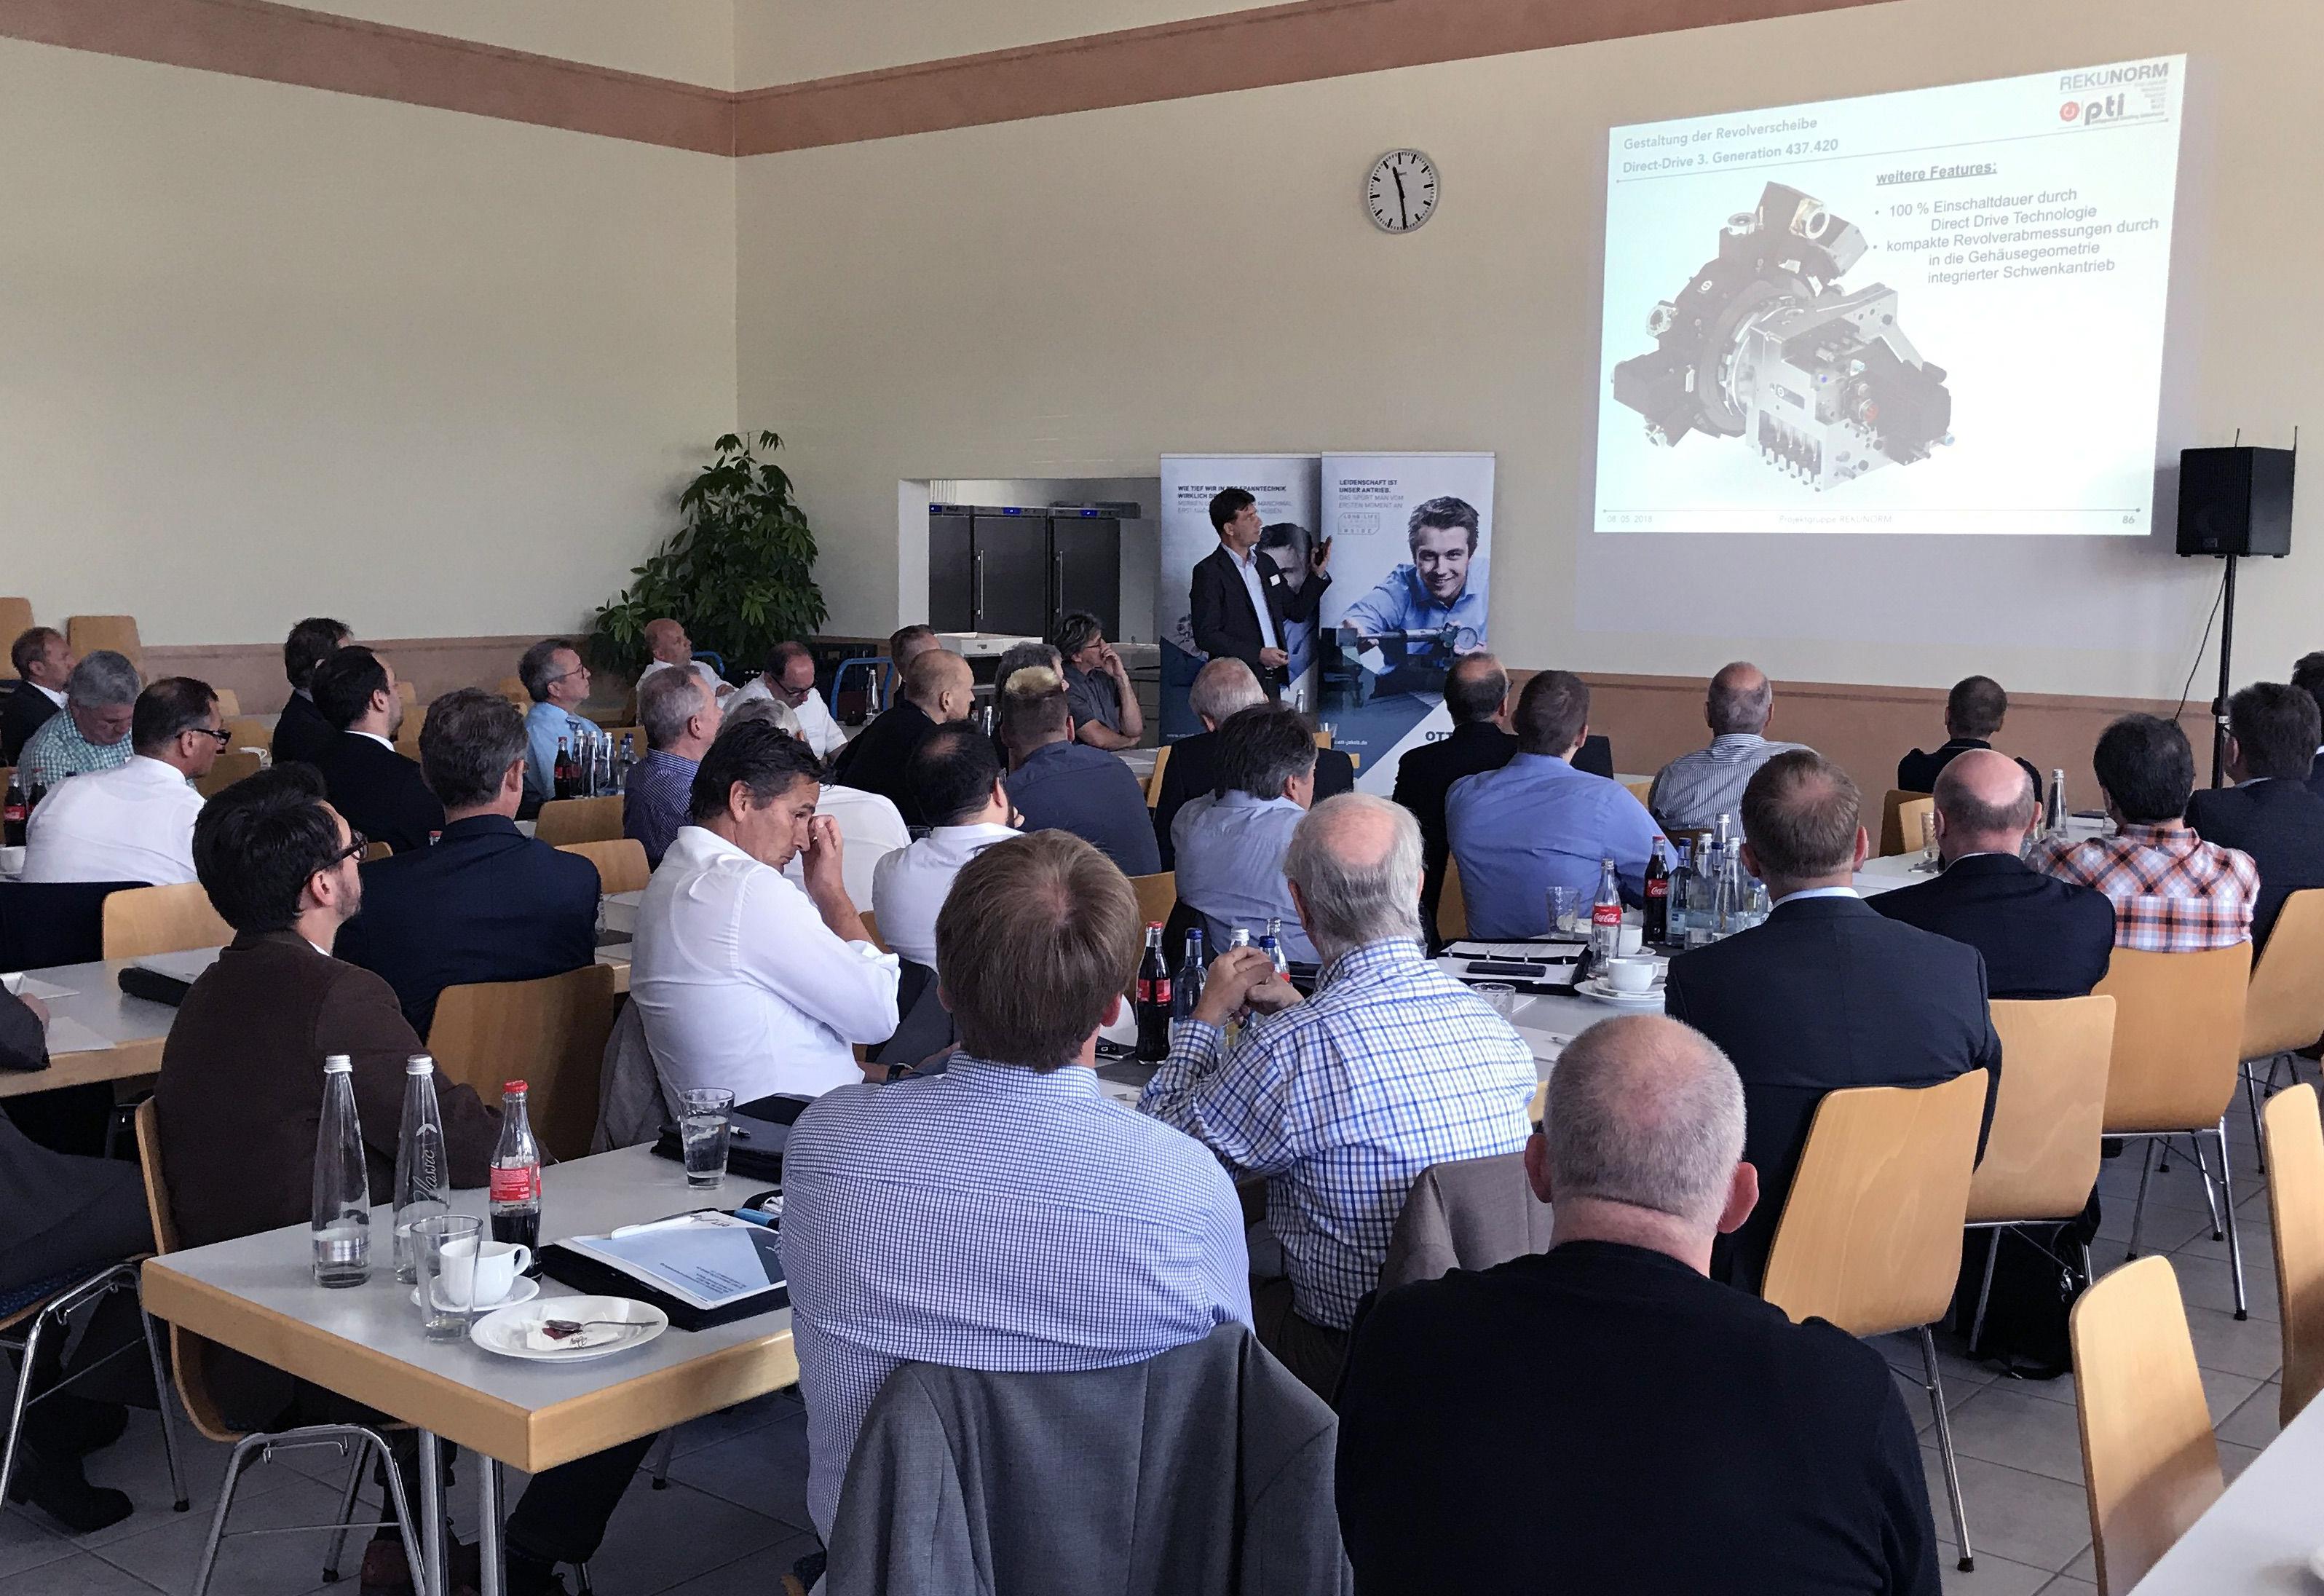 OTT-JAKOB - Unternehmen - Bild - Revolverschnittstelle pti mit innovativer Spanntechnik